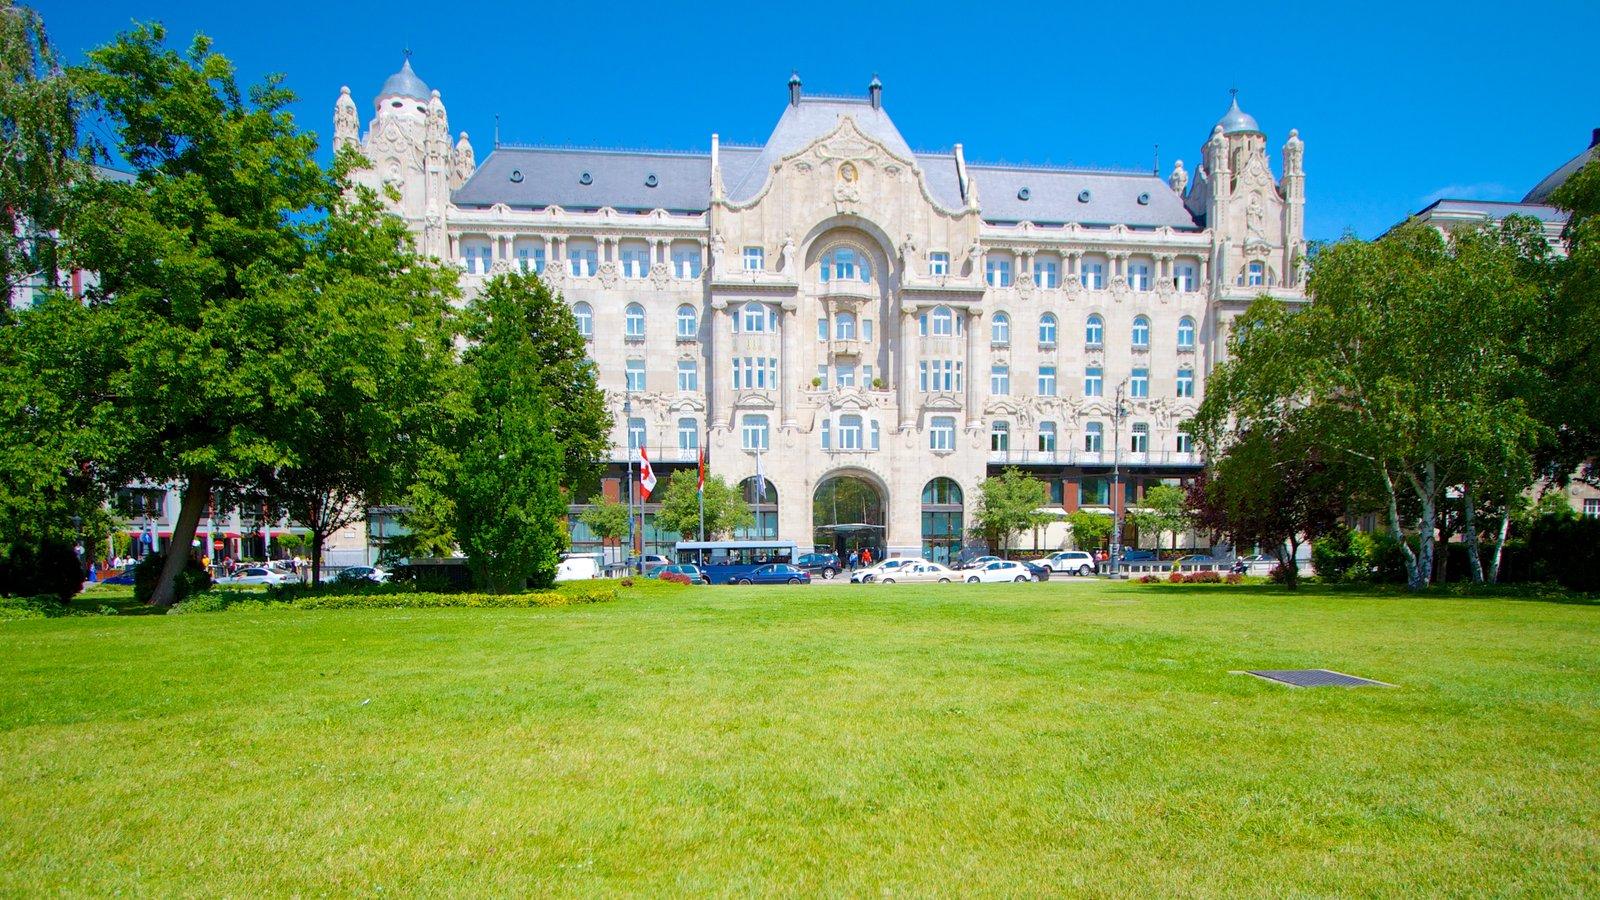 Széchenyi István tér caracterizando uma praça ou plaza, arquitetura de patrimônio e um pequeno castelo ou palácio